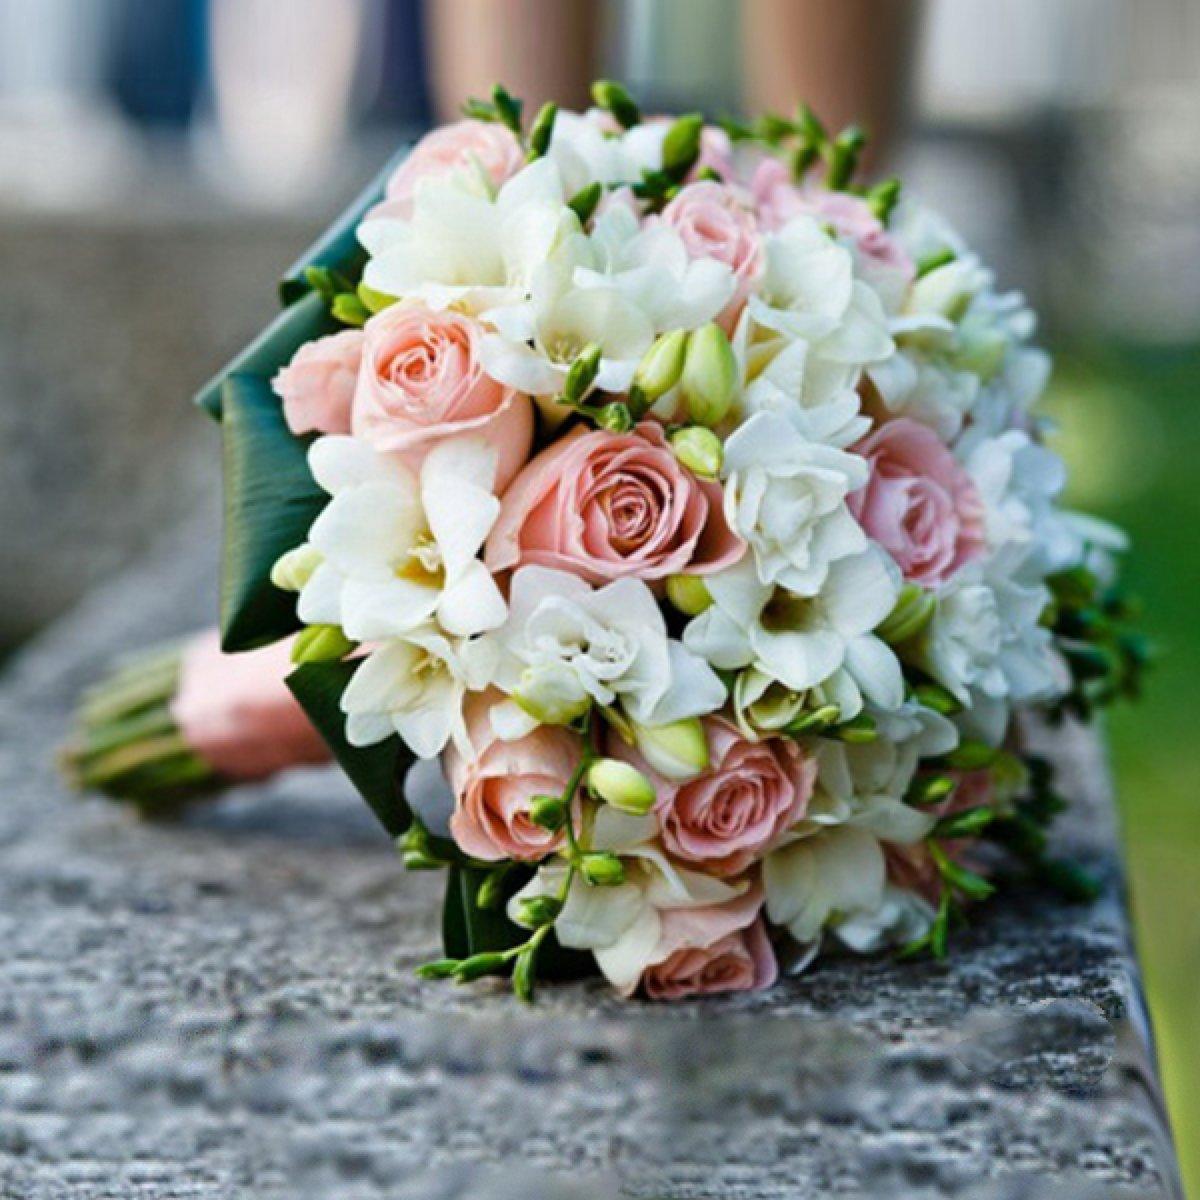 Букет невесты, где купить букет невесты киев недорого